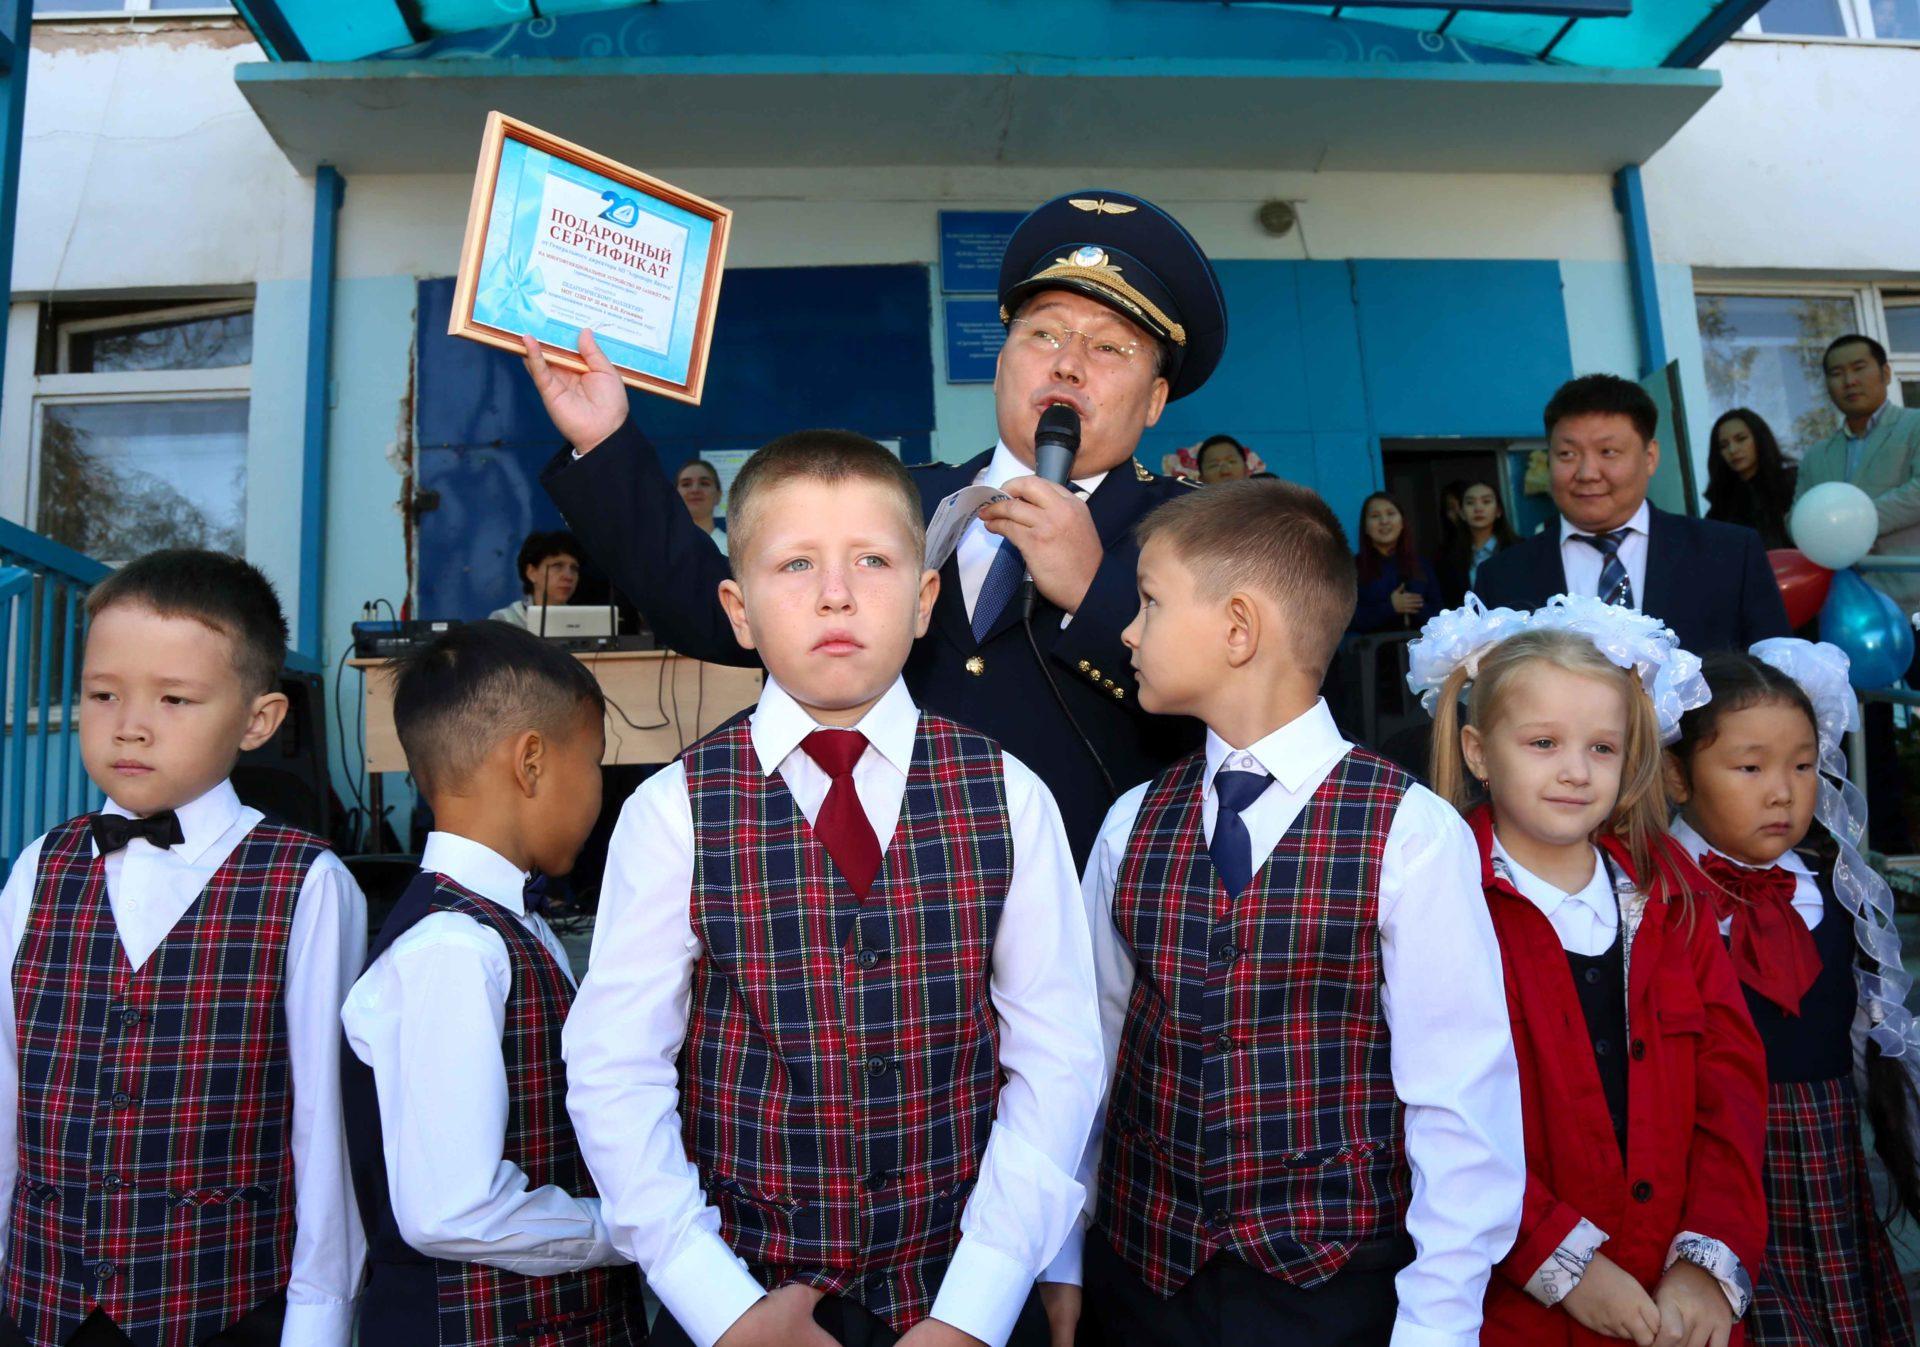 Аэропорт «Якутск» поздравил школьников Гагаринского округа с Днем знаний